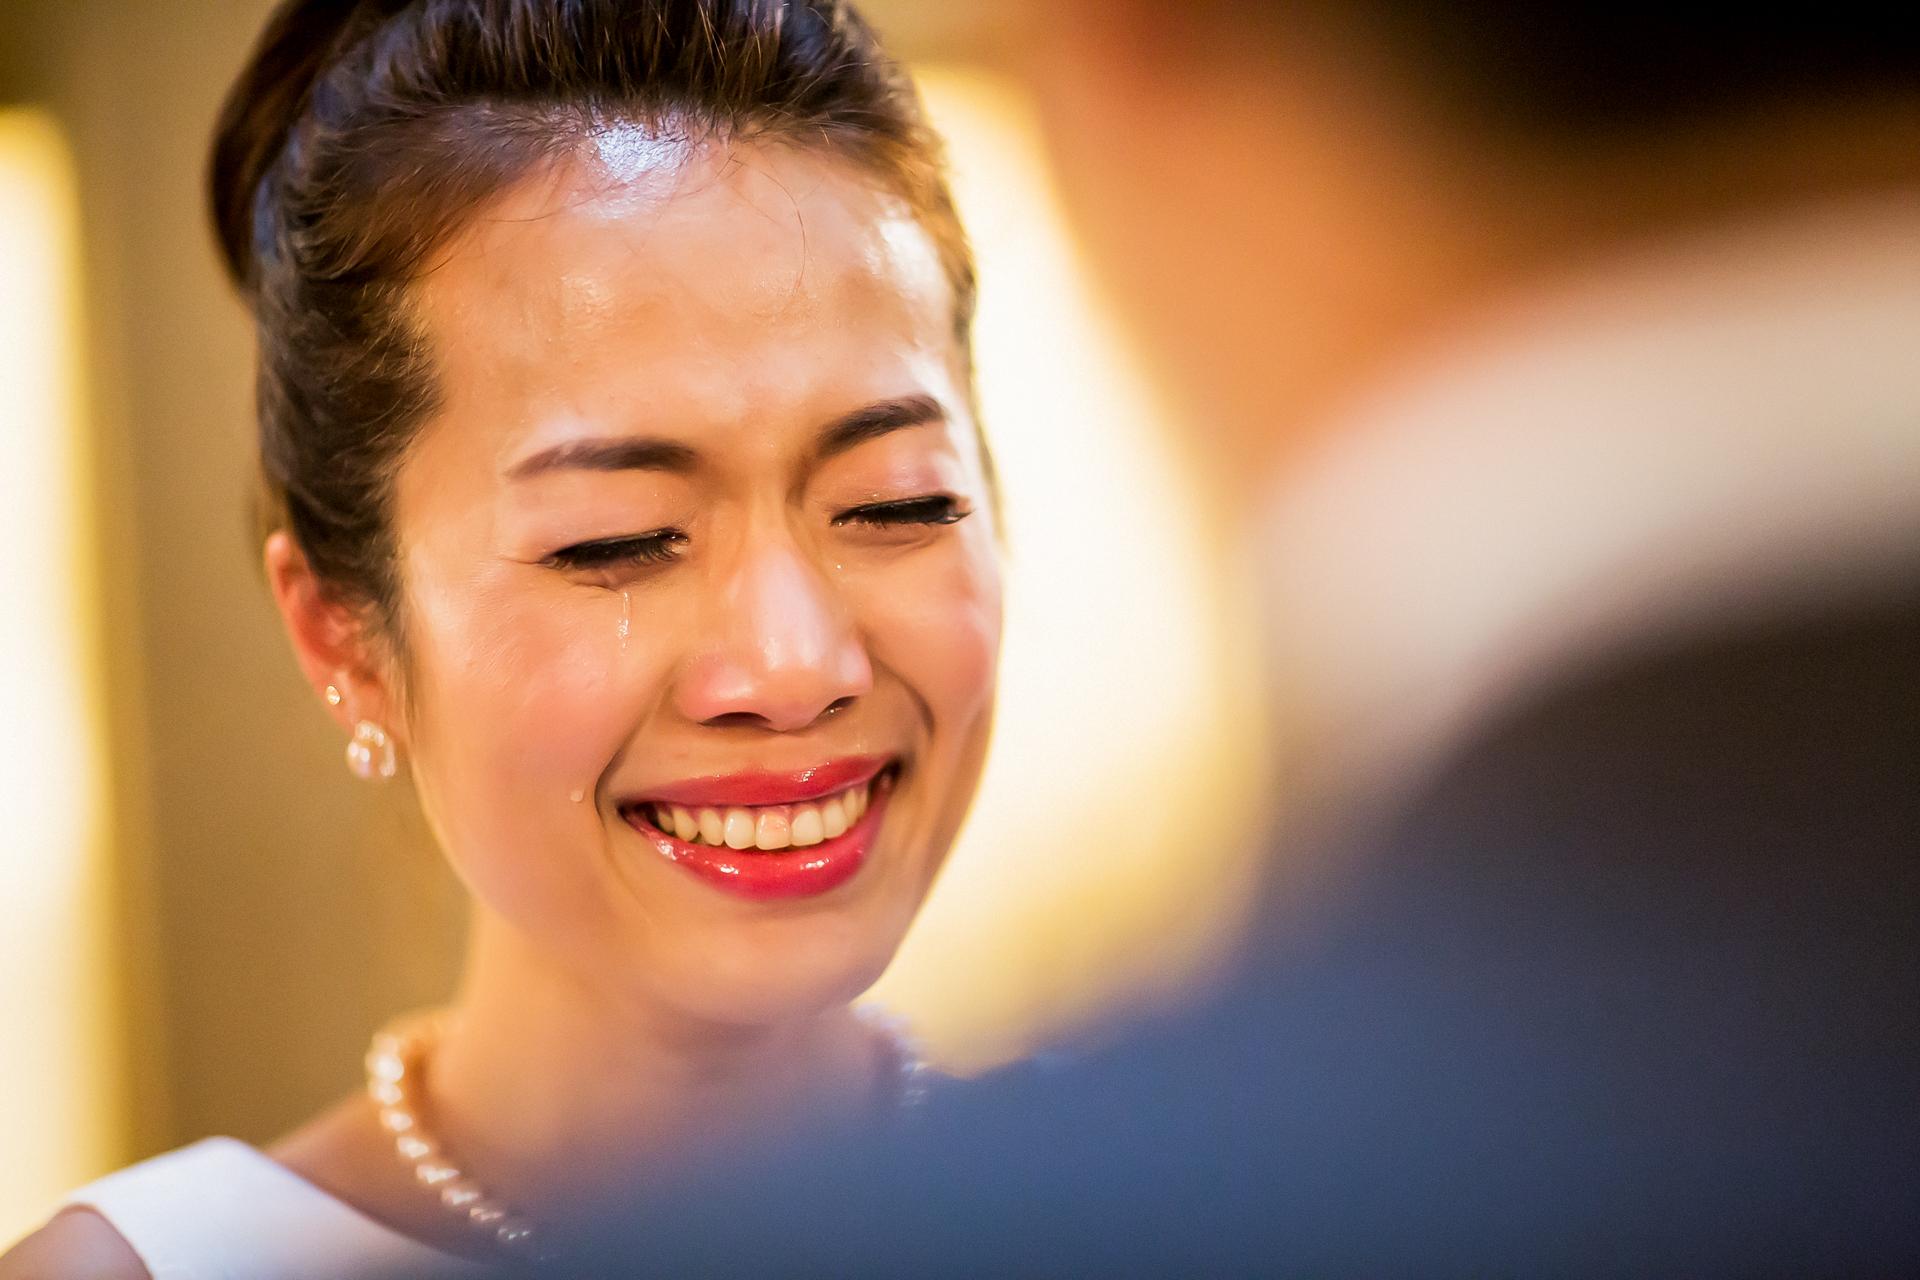 Lágrimas de ceremonia de boda por fuga civil en el Ayuntamiento de San Francisco, CA Fotografía   La novia emocionada no pudo evitar que sus lágrimas rodaran por el momento en que se les pidió que intercambiaran anillos.